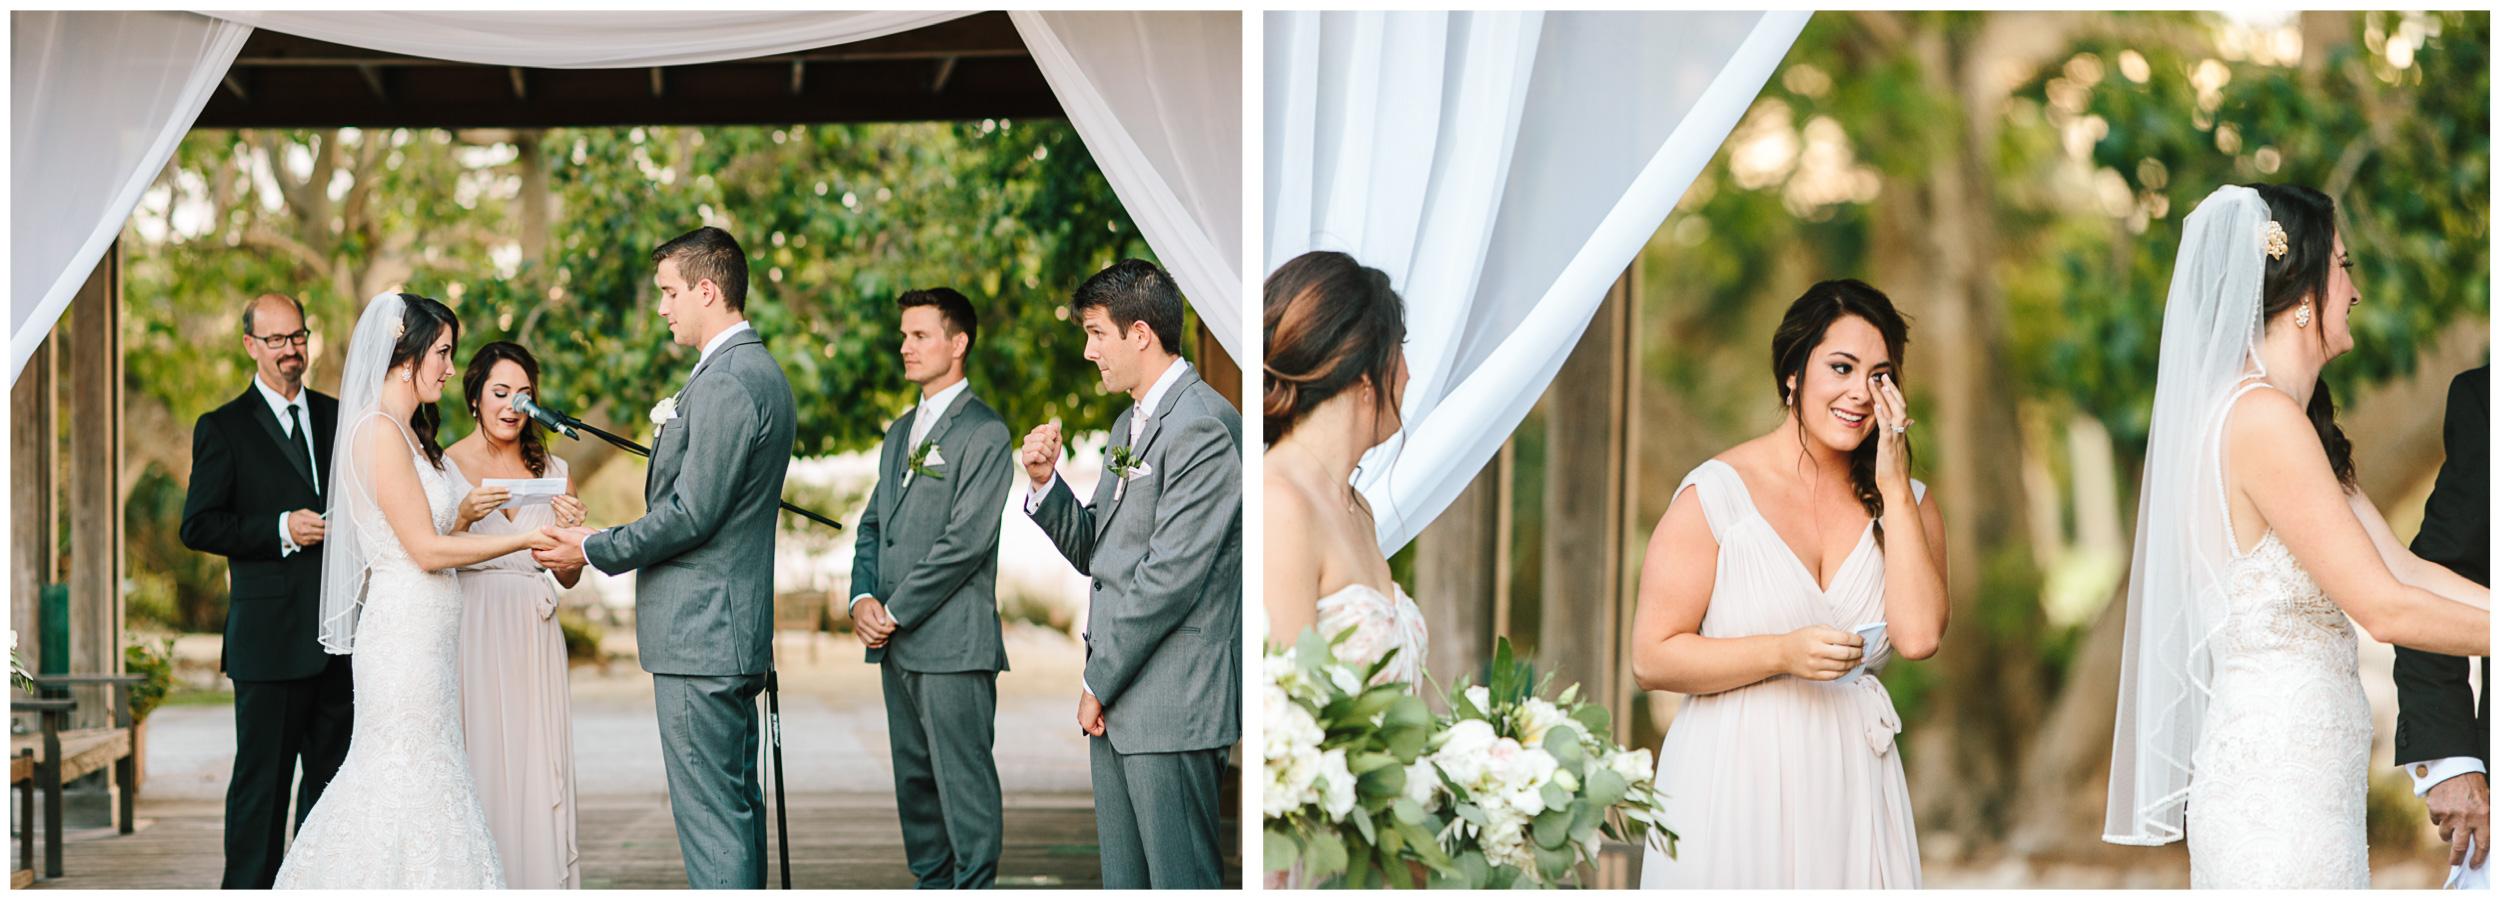 marie_selby_wedding_66.jpg